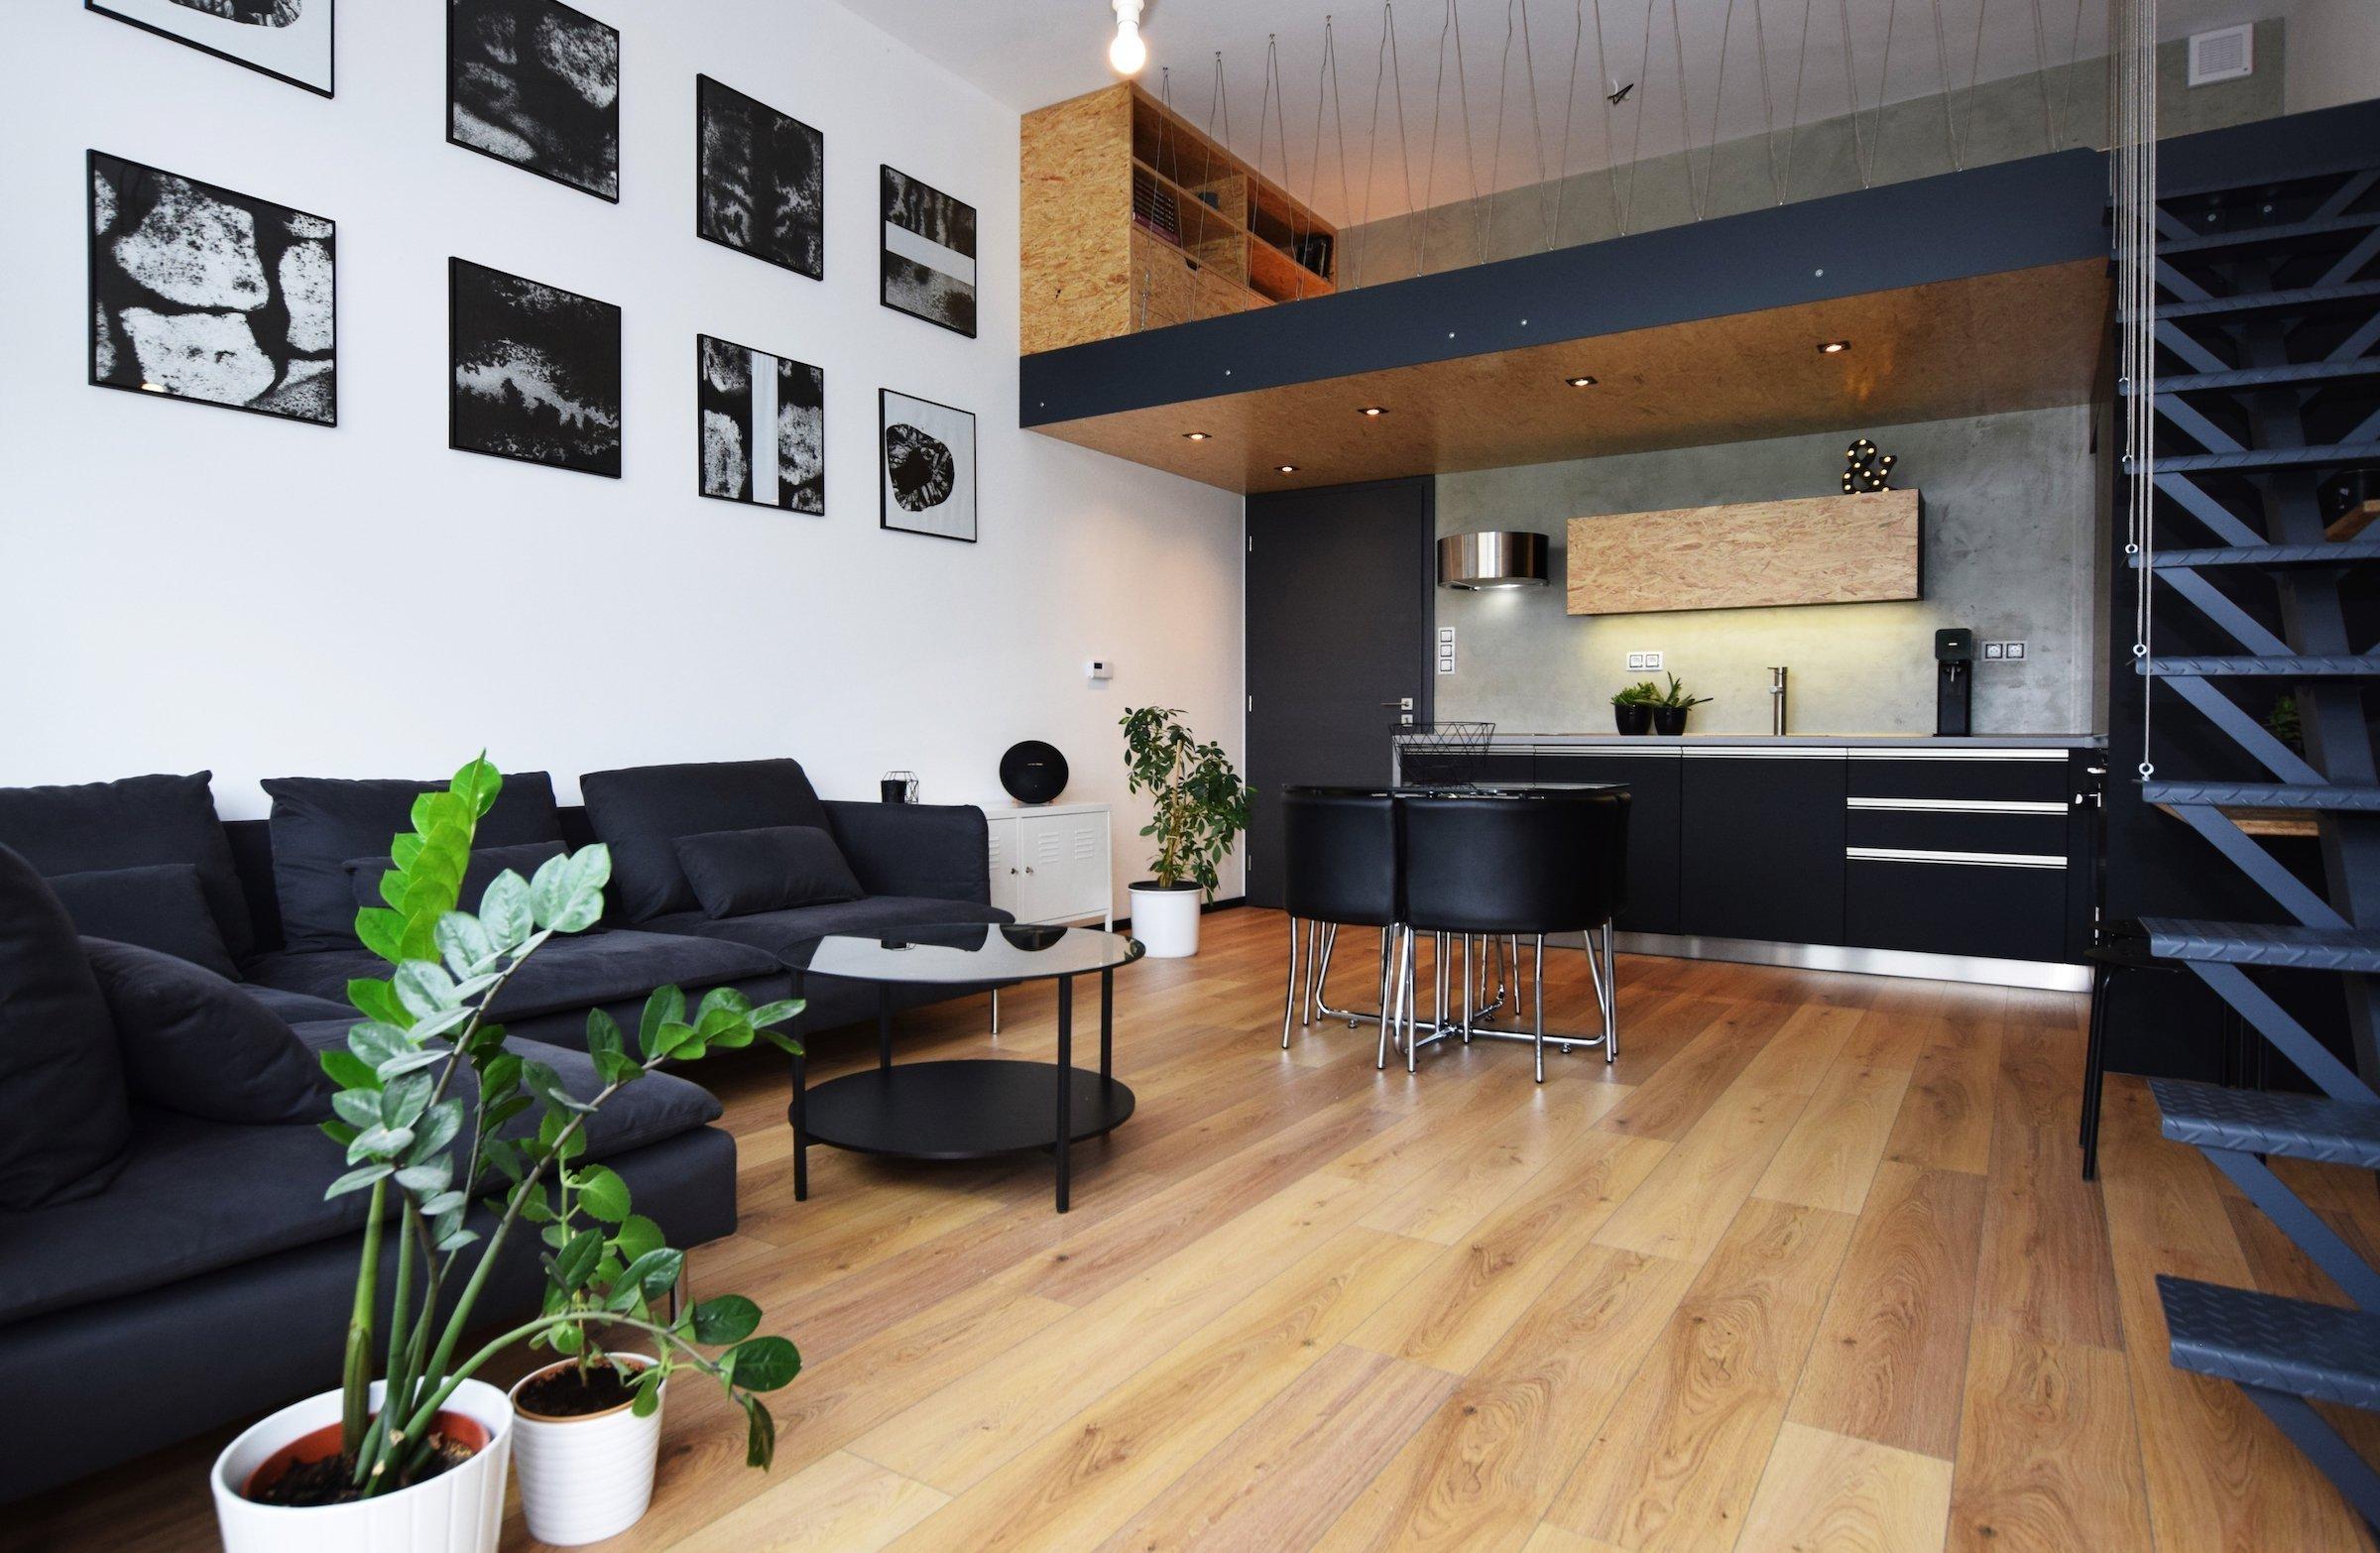 Realizace hlavního obývacího prostoru, kde nám výšku stropu 3,5m umožnila vložení spacího patra. Atypické prostory prostě miluju a oceňuju odhodlání majitelky…